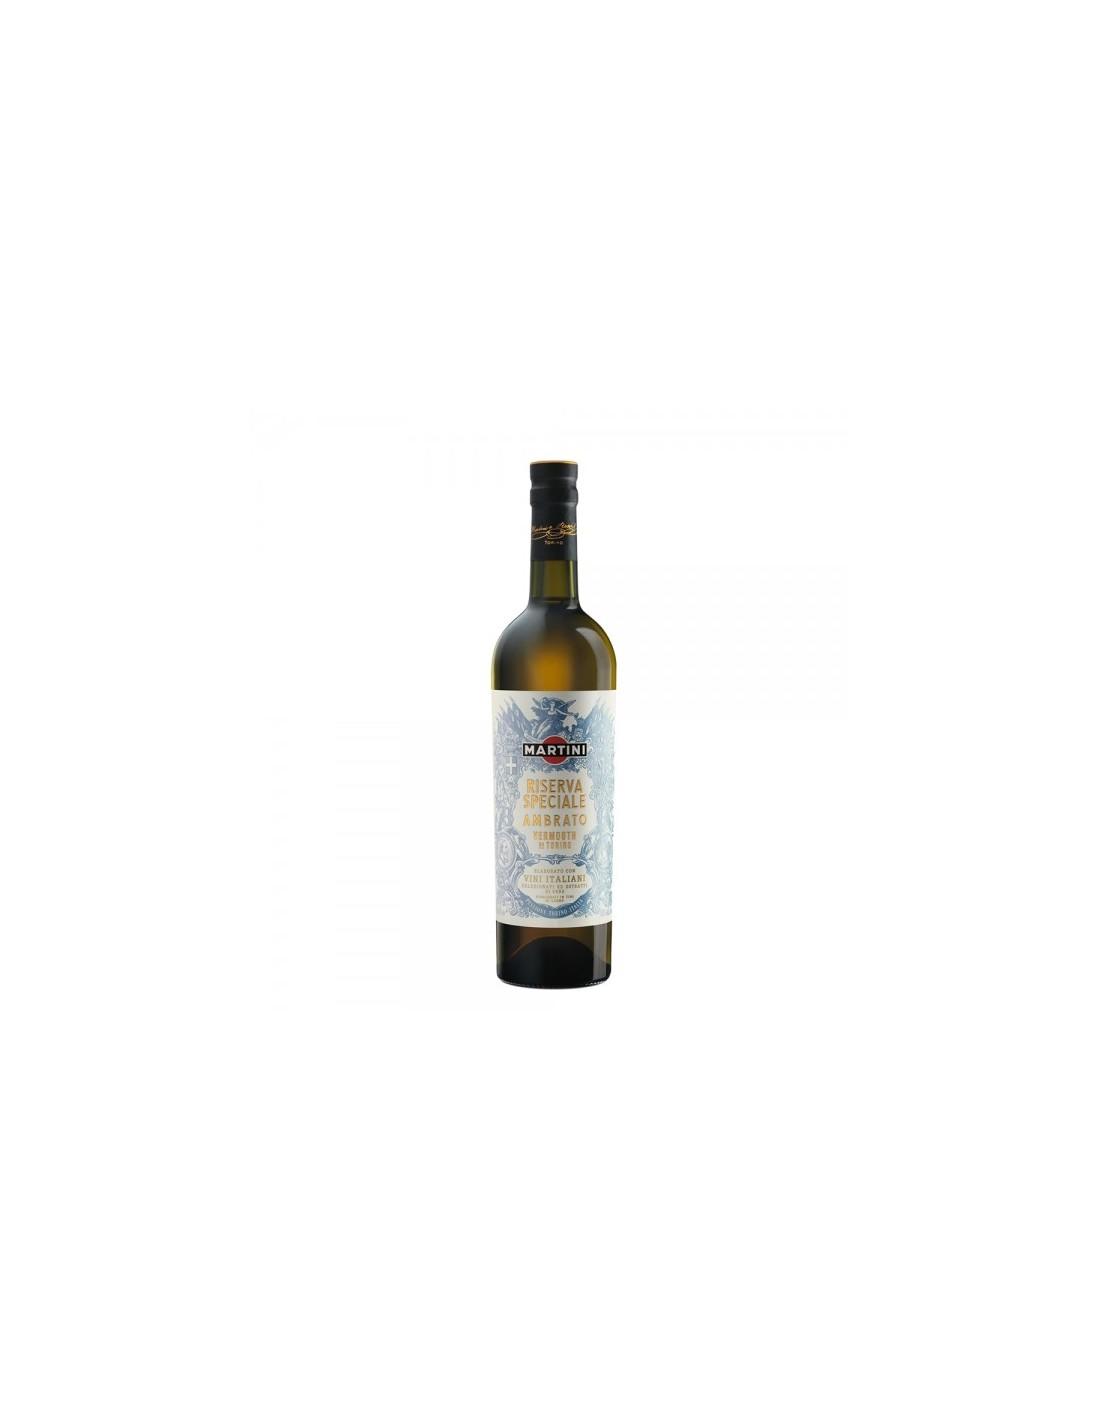 Vermut Martini Ambrato, 18% alc., 0.75L, Italia